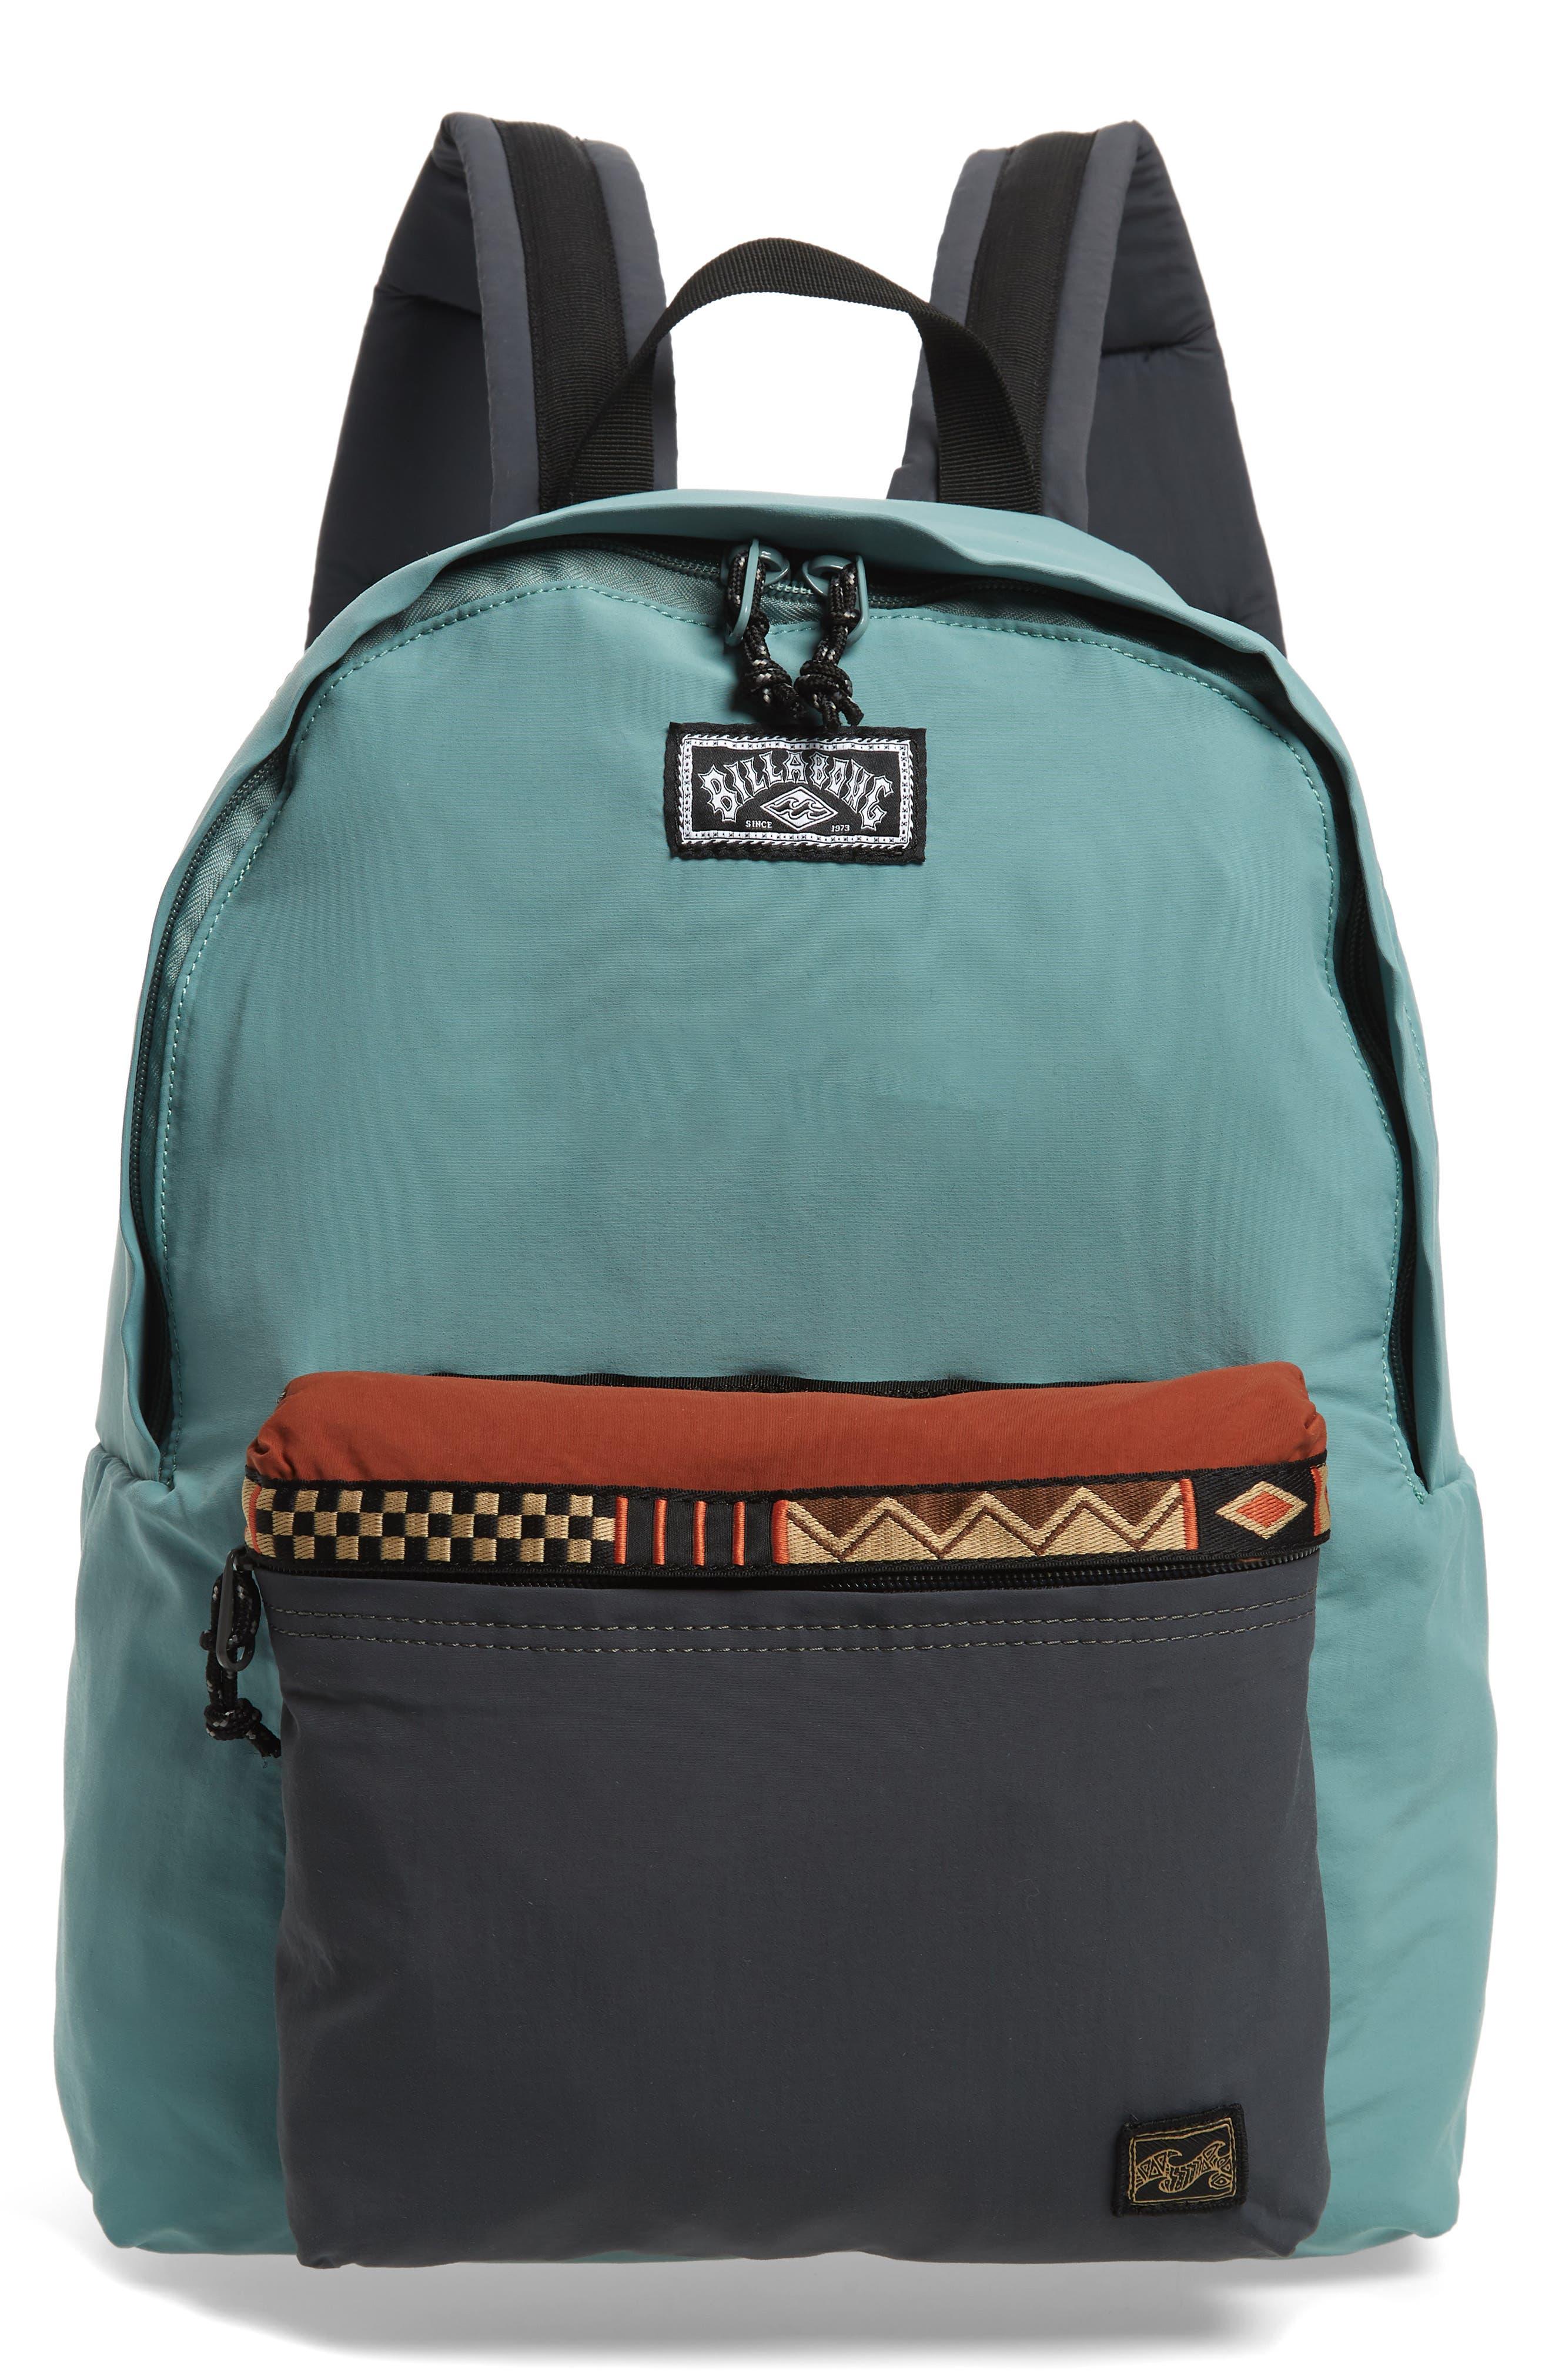 Billabong All Day Atlas Backpack - Green